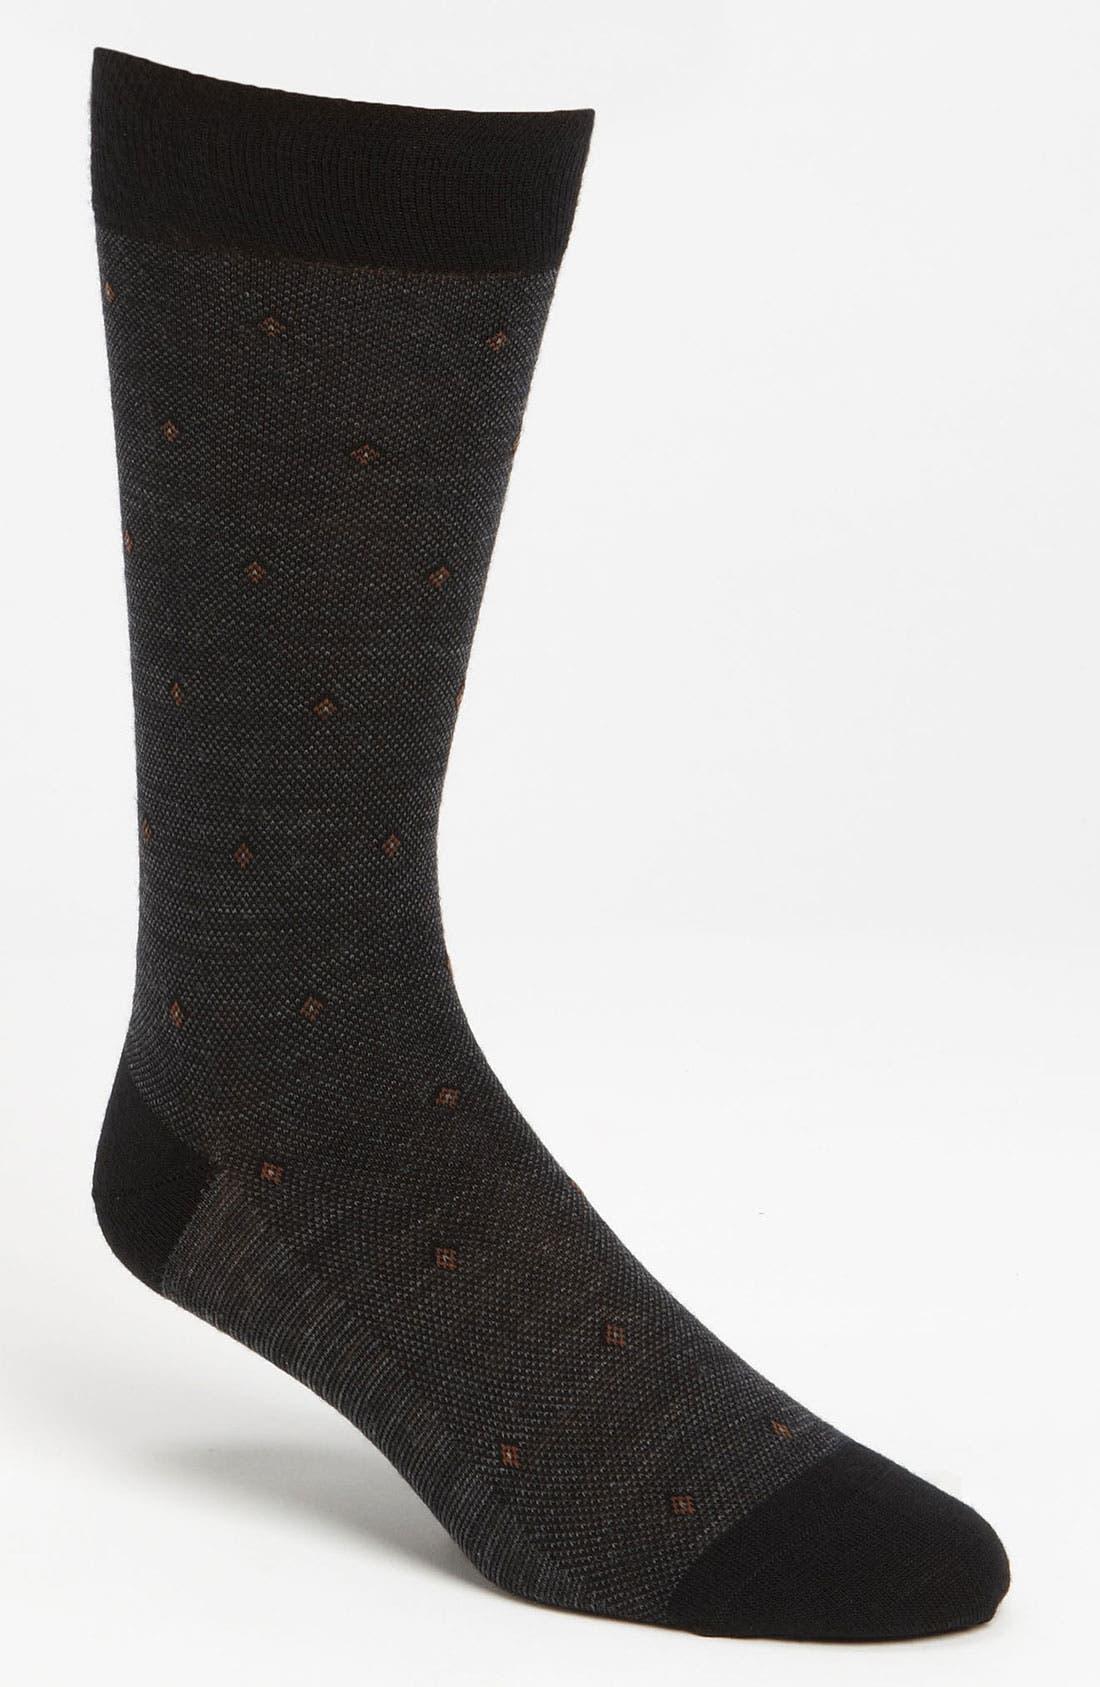 Main Image - Pantherella Bird's Eye Socks